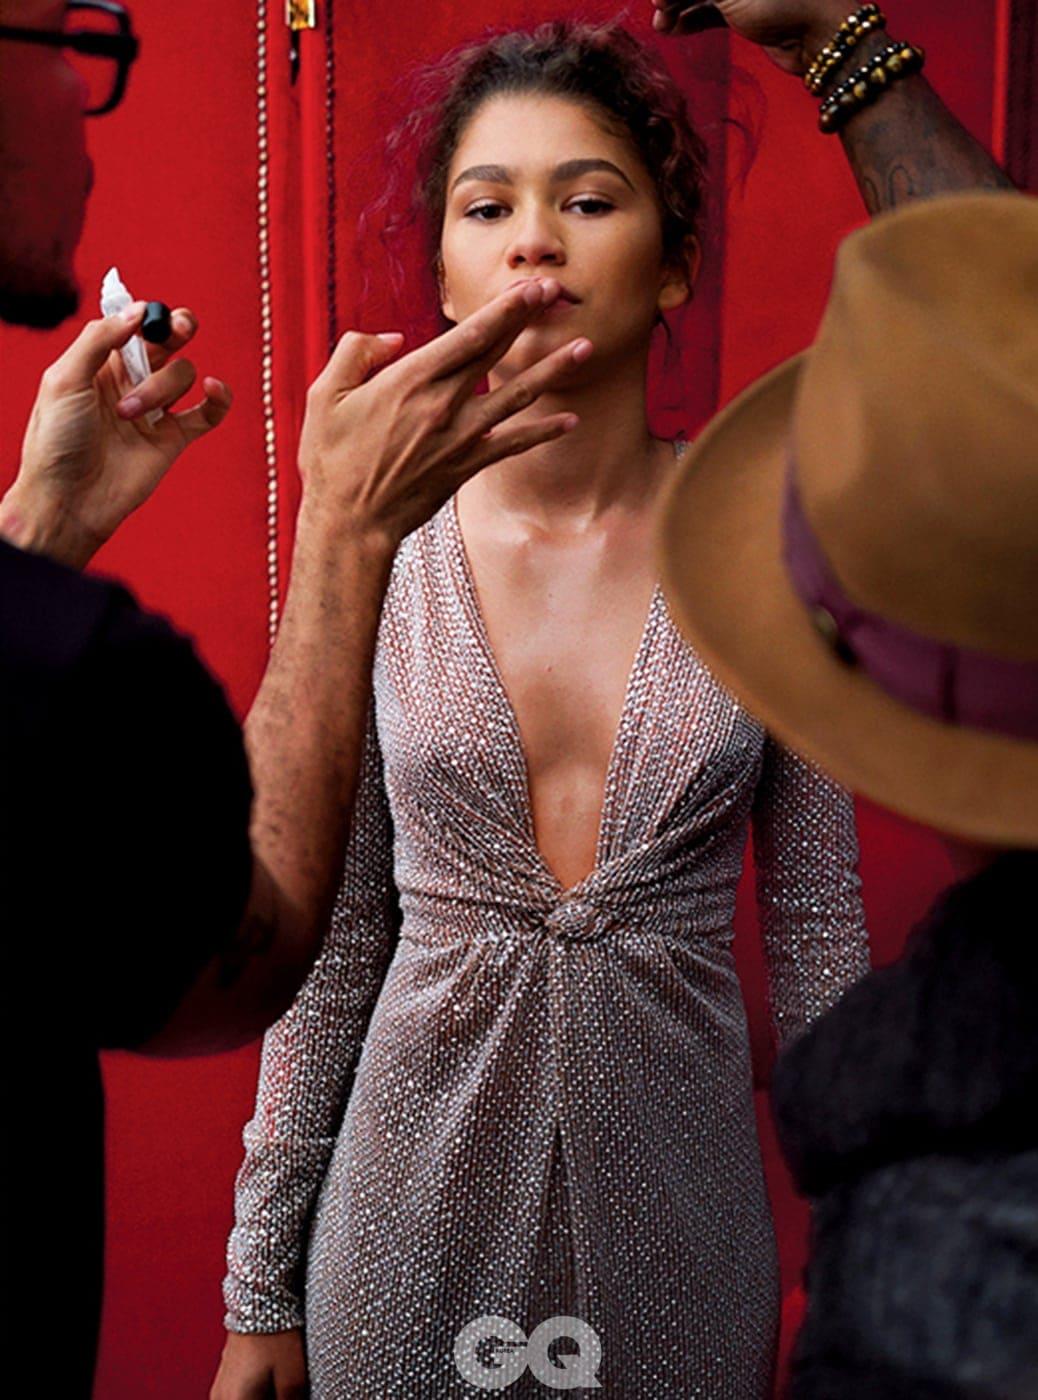 드레스는 마이클 코어스, 반지는 카르티에, 구두는 마놀로 블라닉.